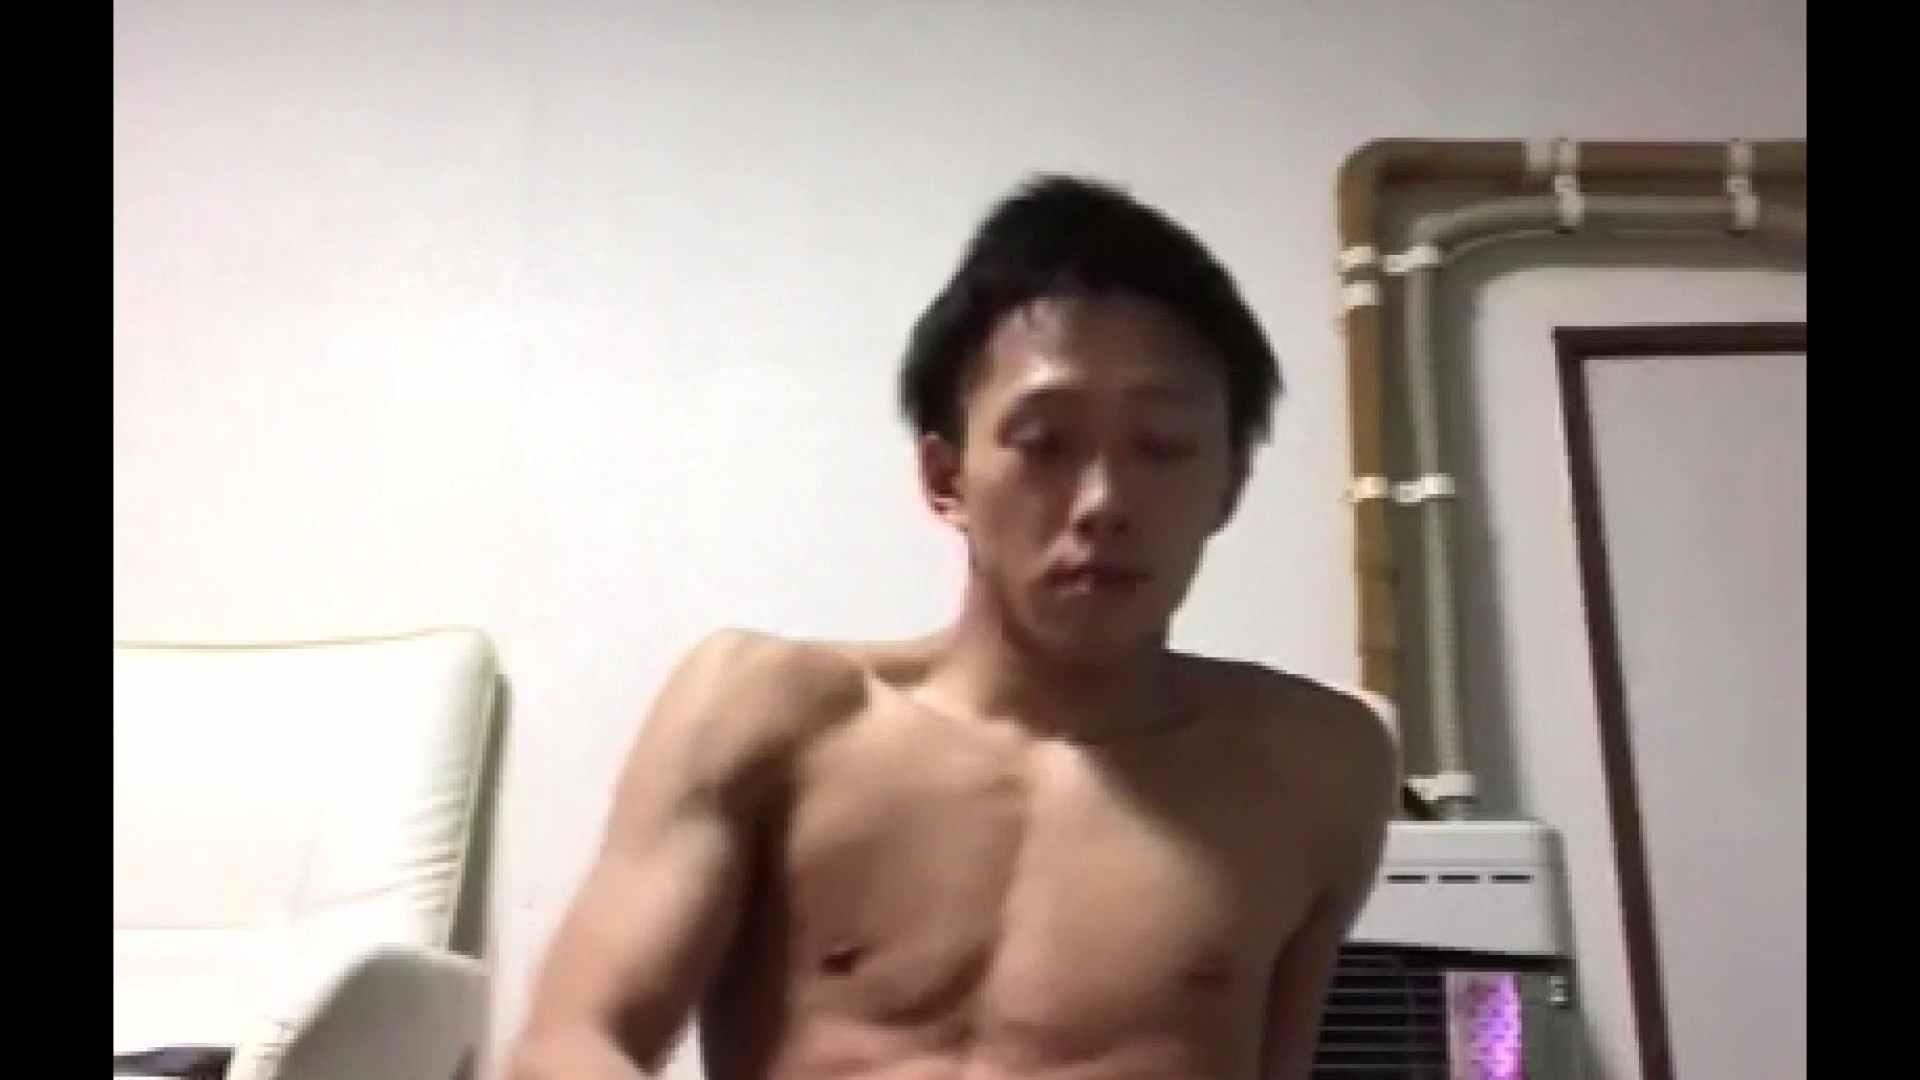 個人撮影 自慰の極意 Vol.50 オナニー ゲイ無修正動画画像 67pic 50